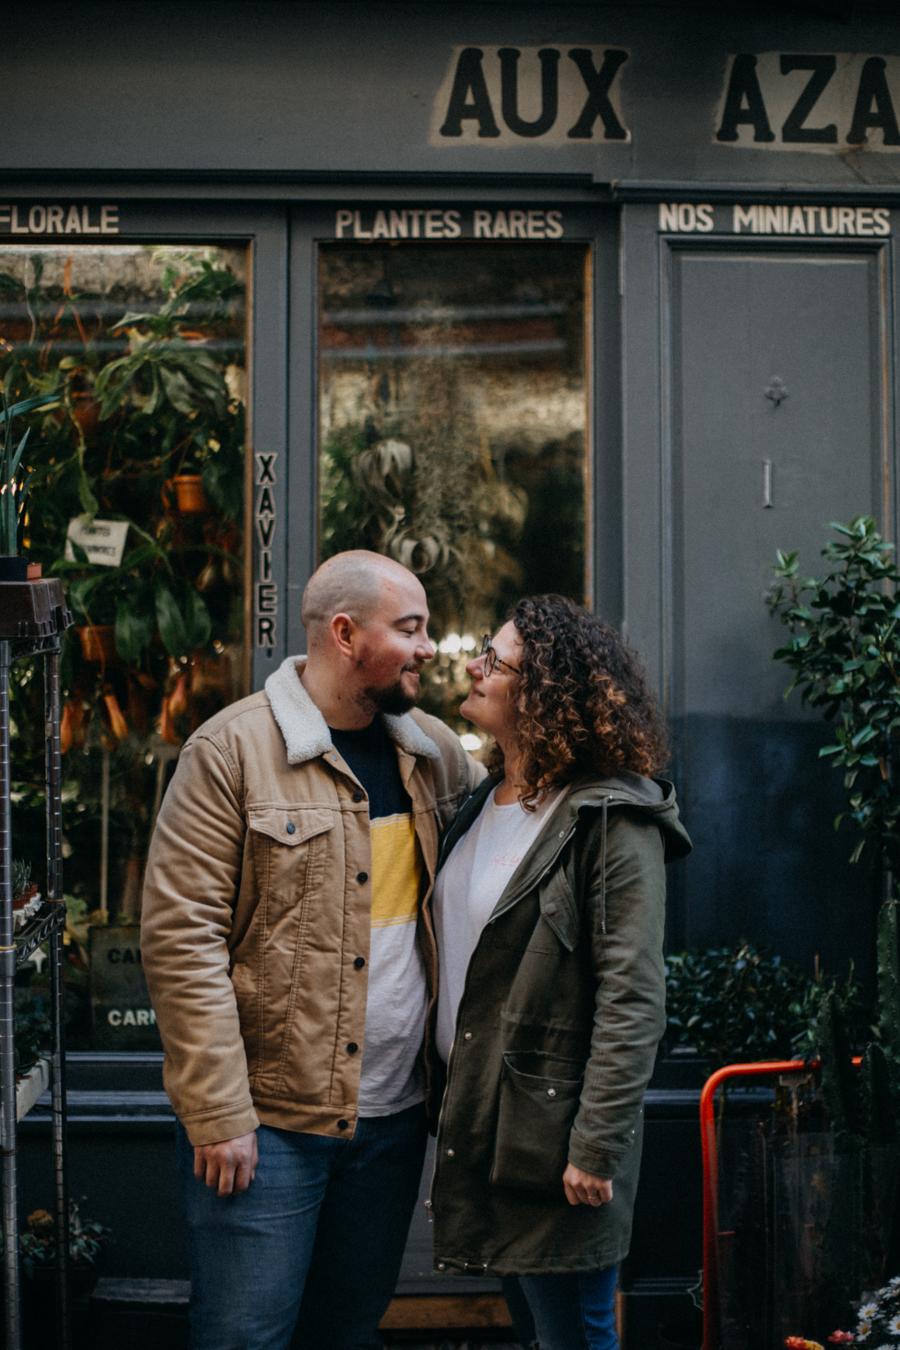 photographe love session engagement mariage couple amour Lyon soleil tag la croix rousse-32